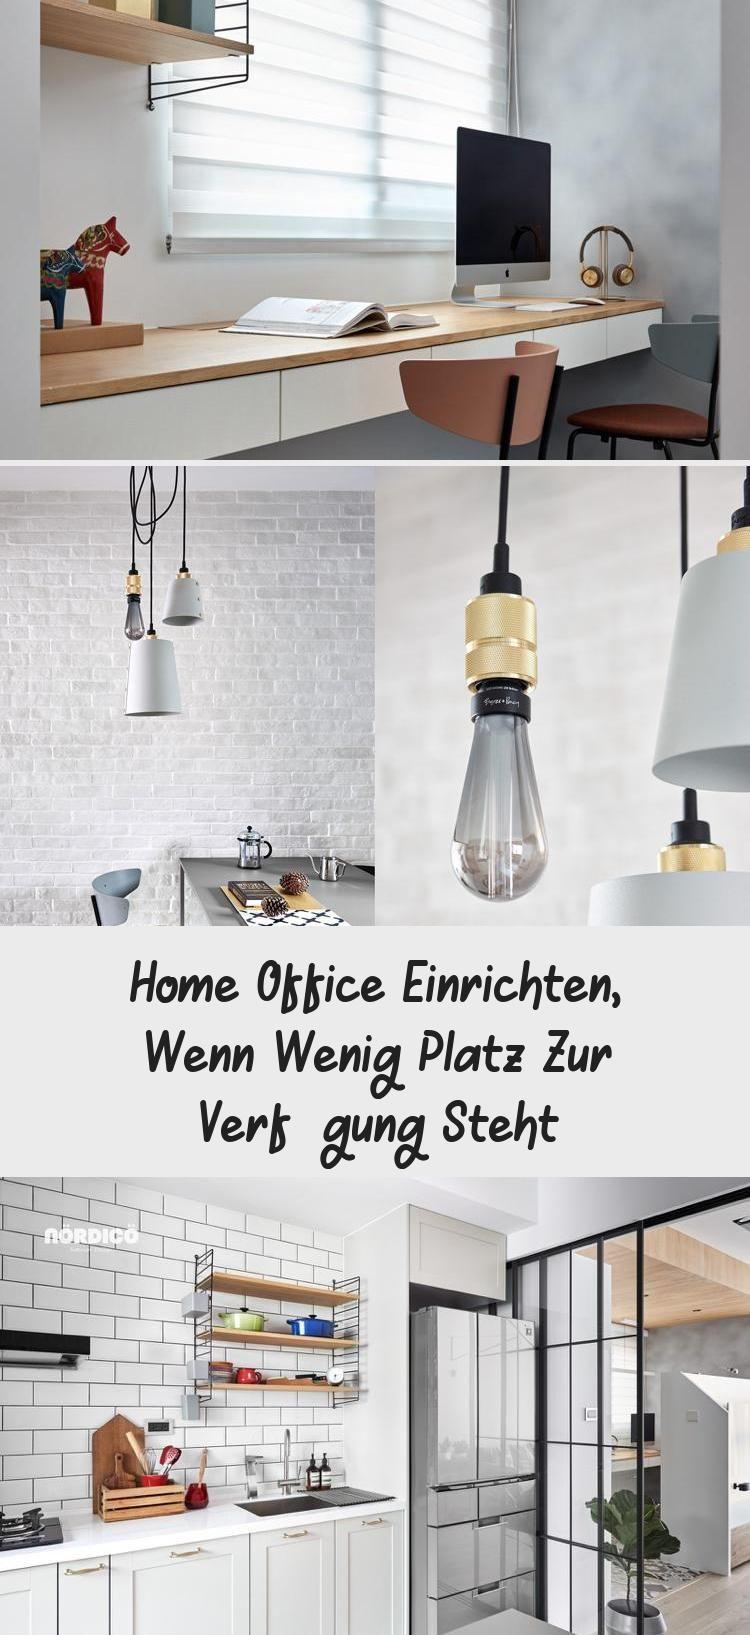 Home Office Einrichten, Wenn Wenig Platz Zur Verfügung Steht - DE